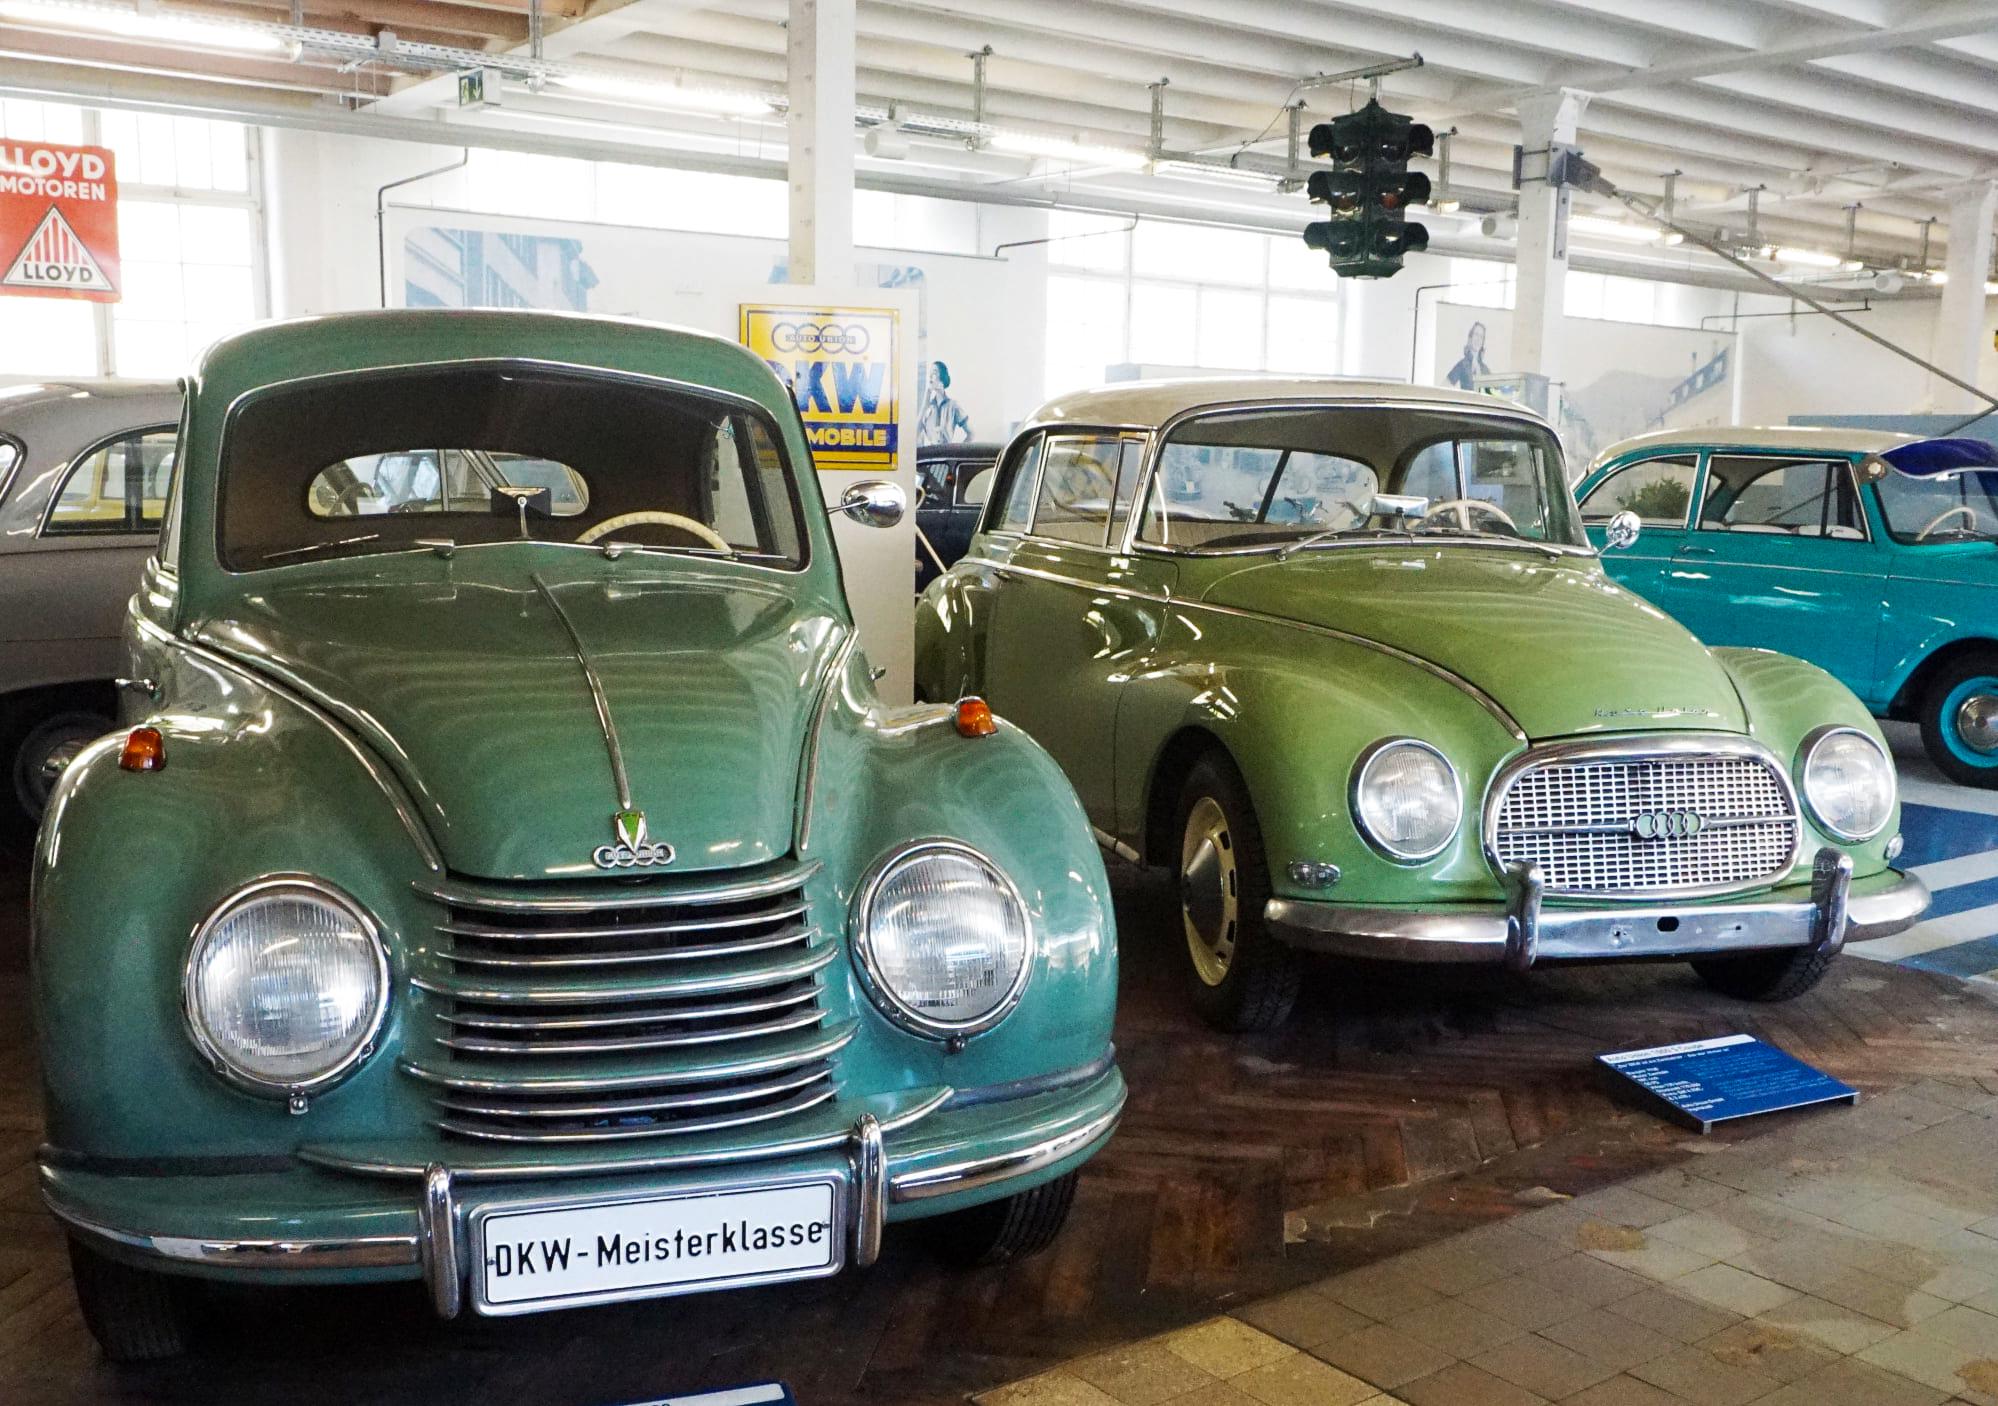 Automuseum Schramberg, Baden-Württemberg